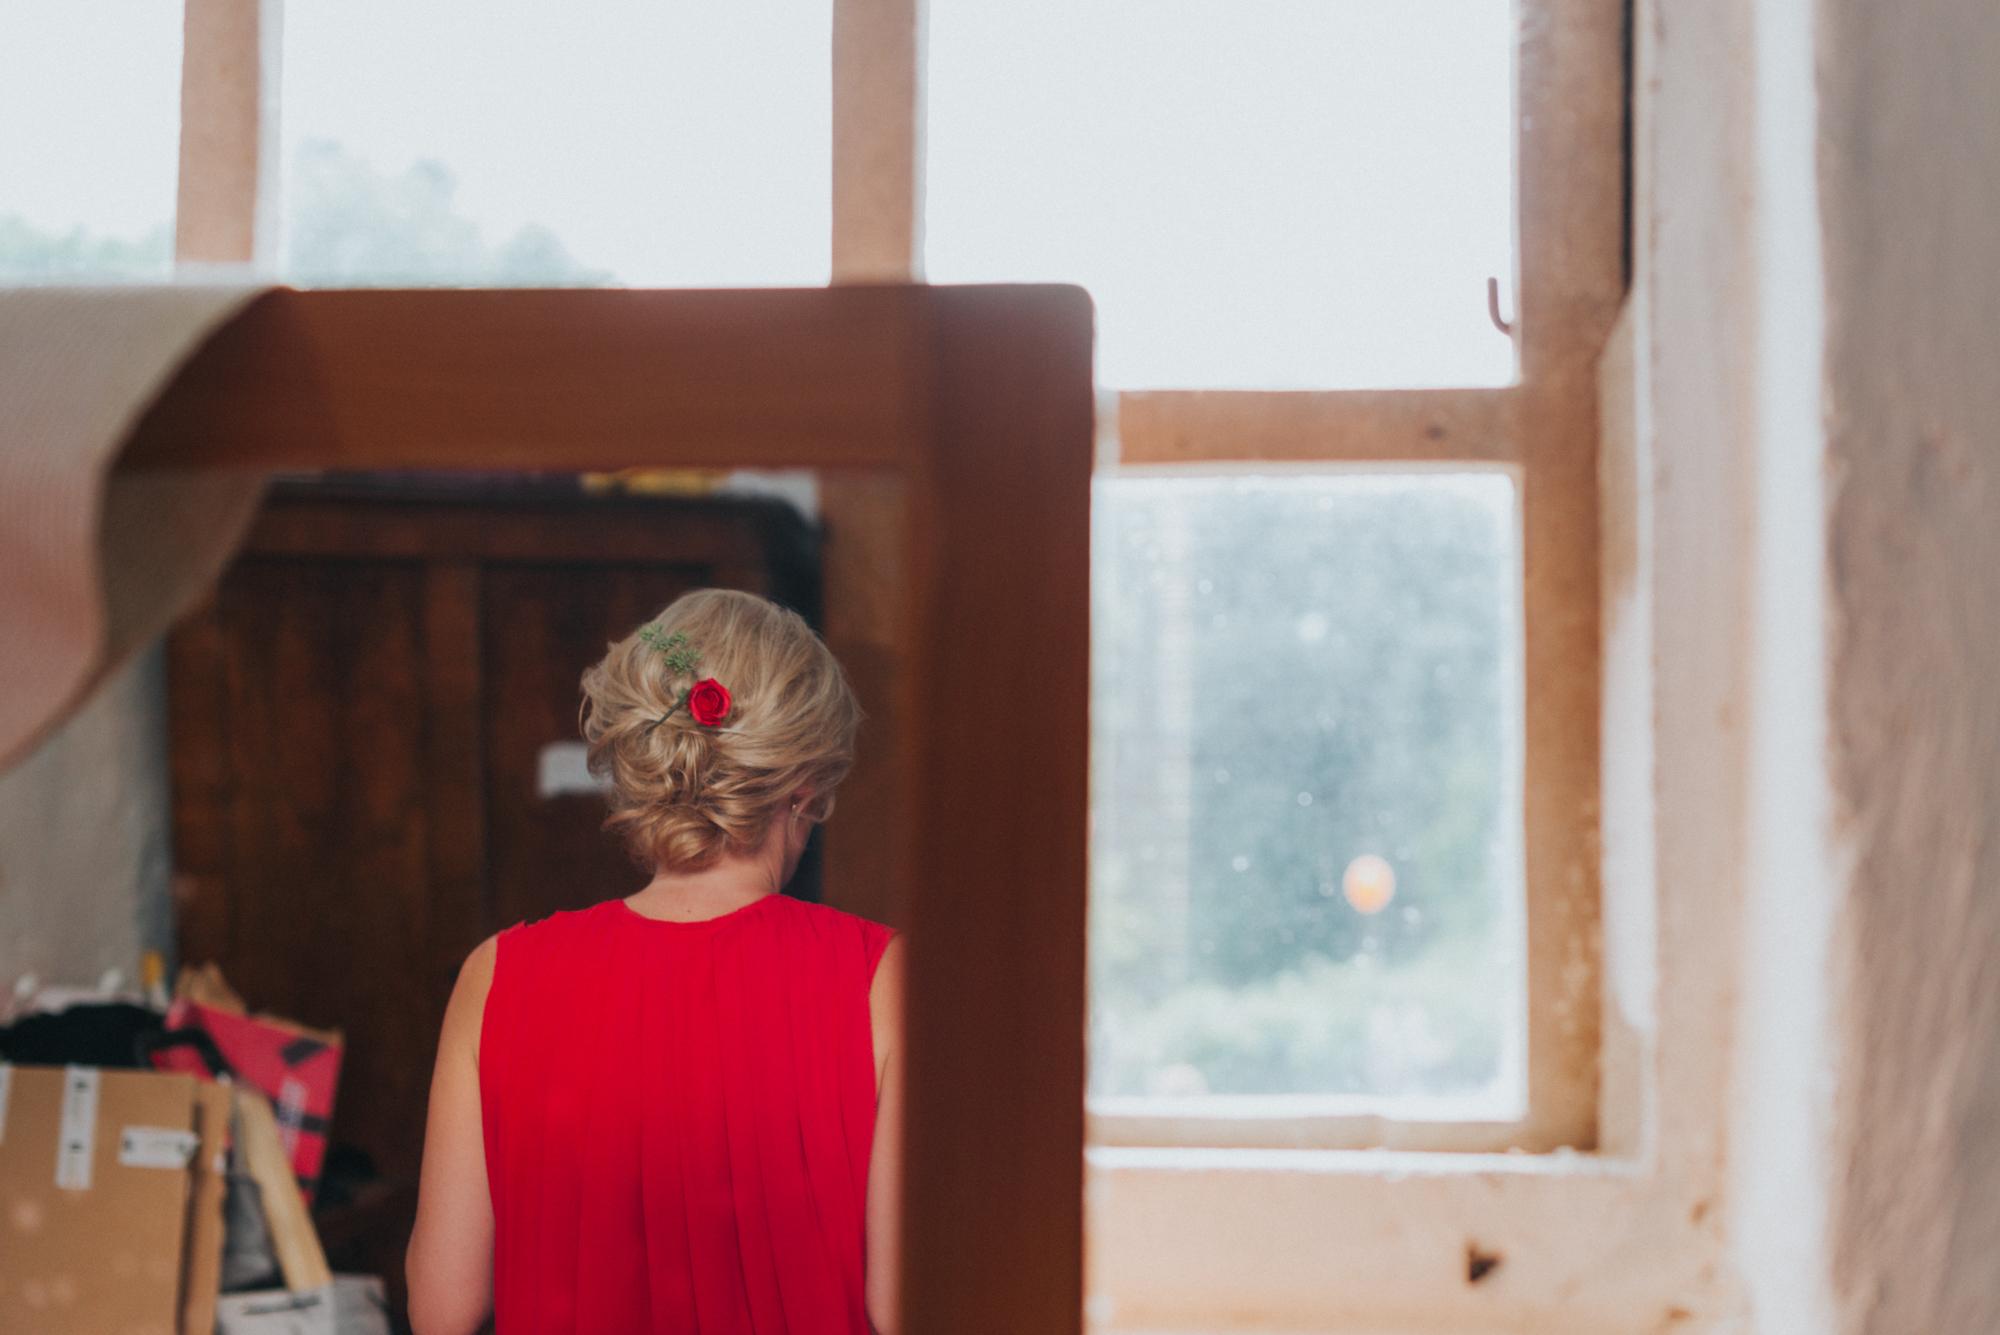 belle&sass_Hochzeit_Stadtflucht Bergmühle-20.jpg